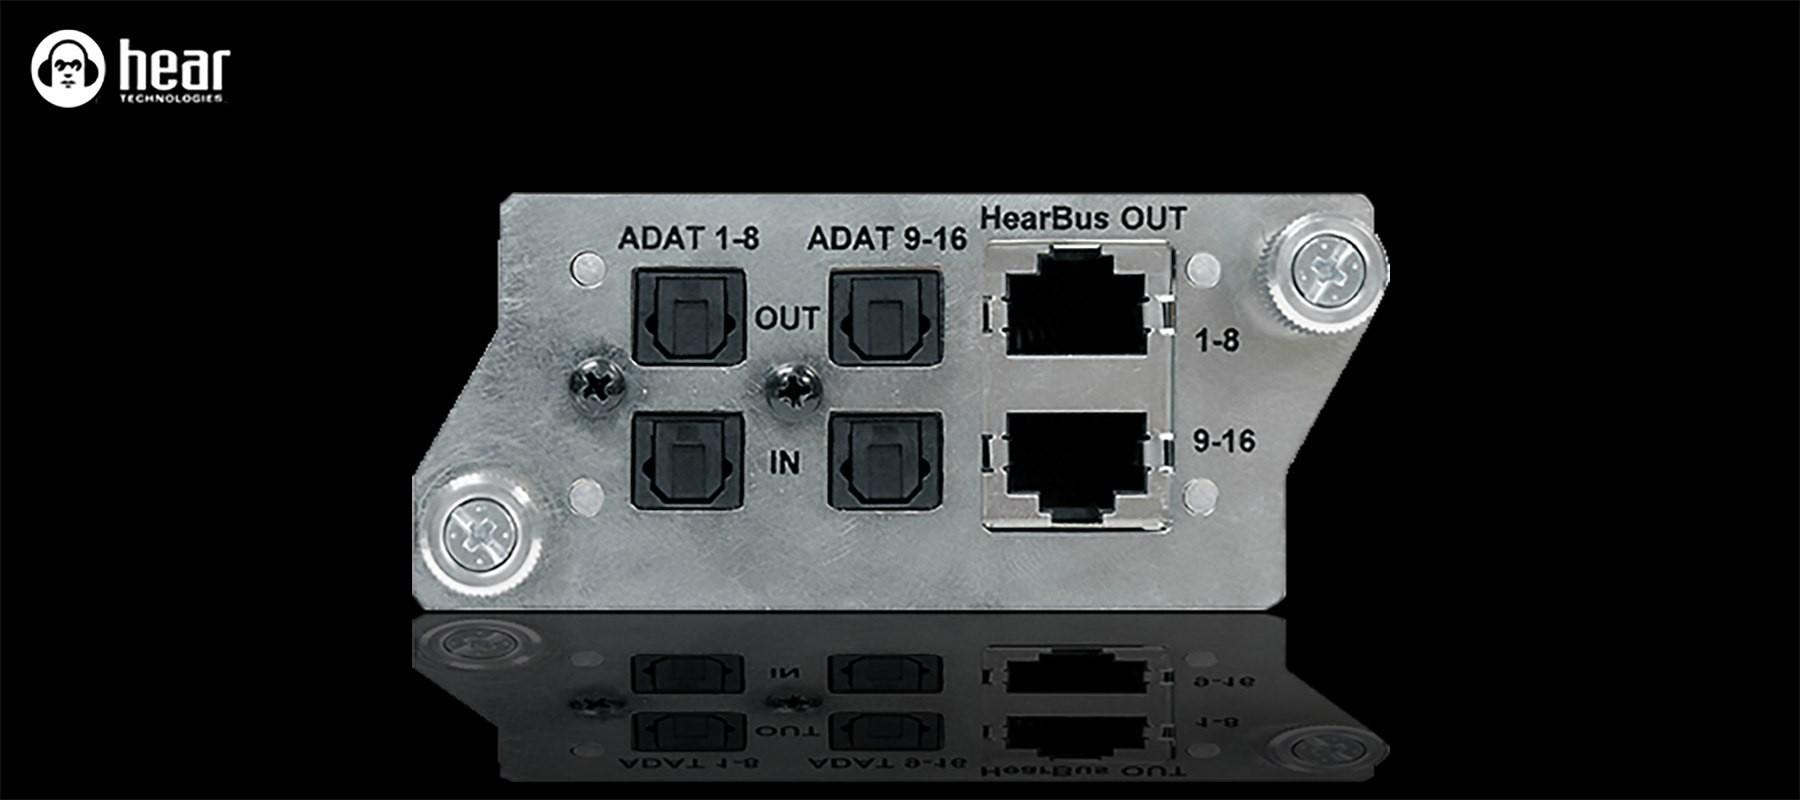 Hear Back ADAT Card for PRO Hub